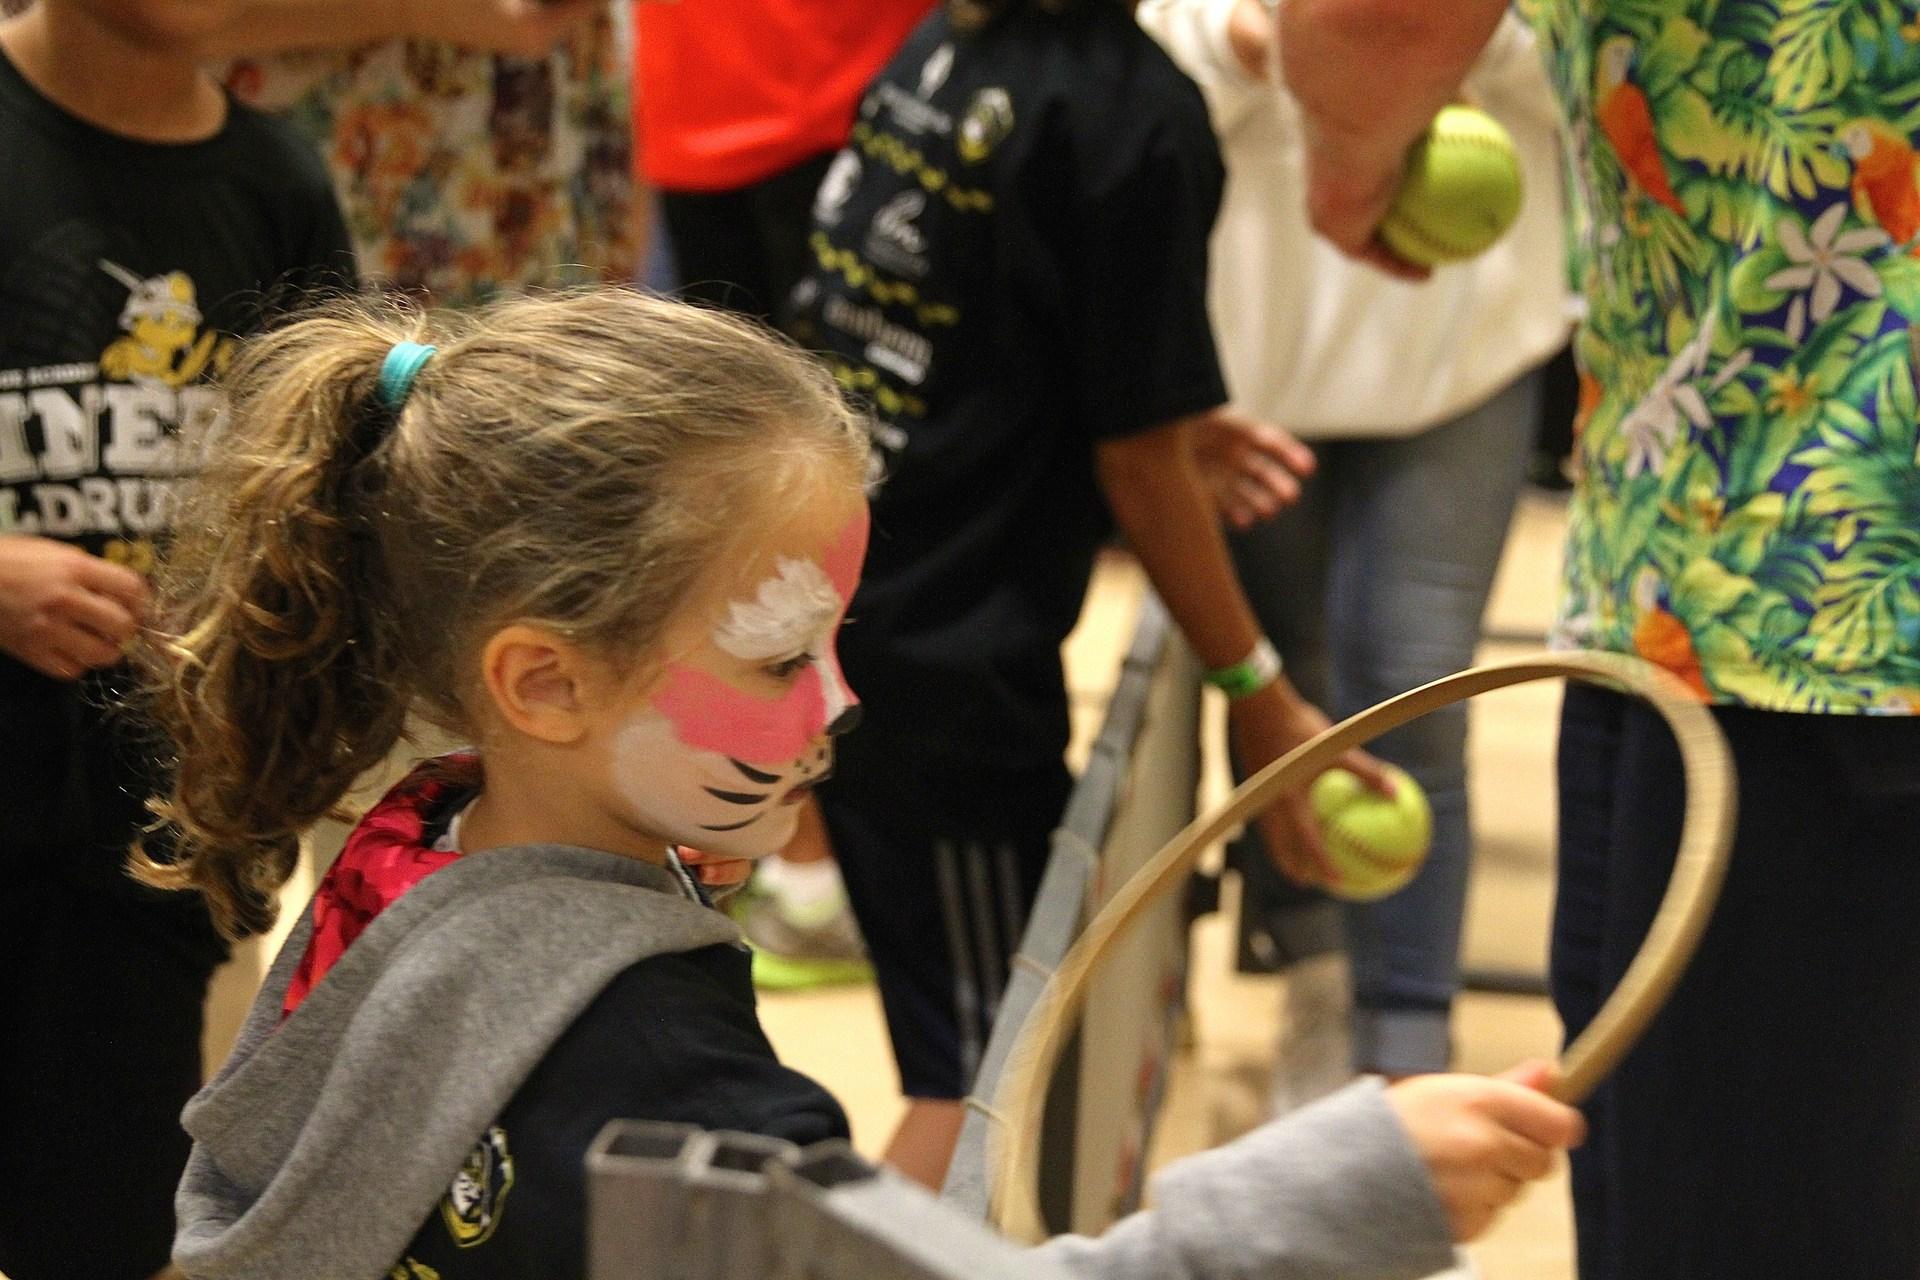 Kid playing carnival game